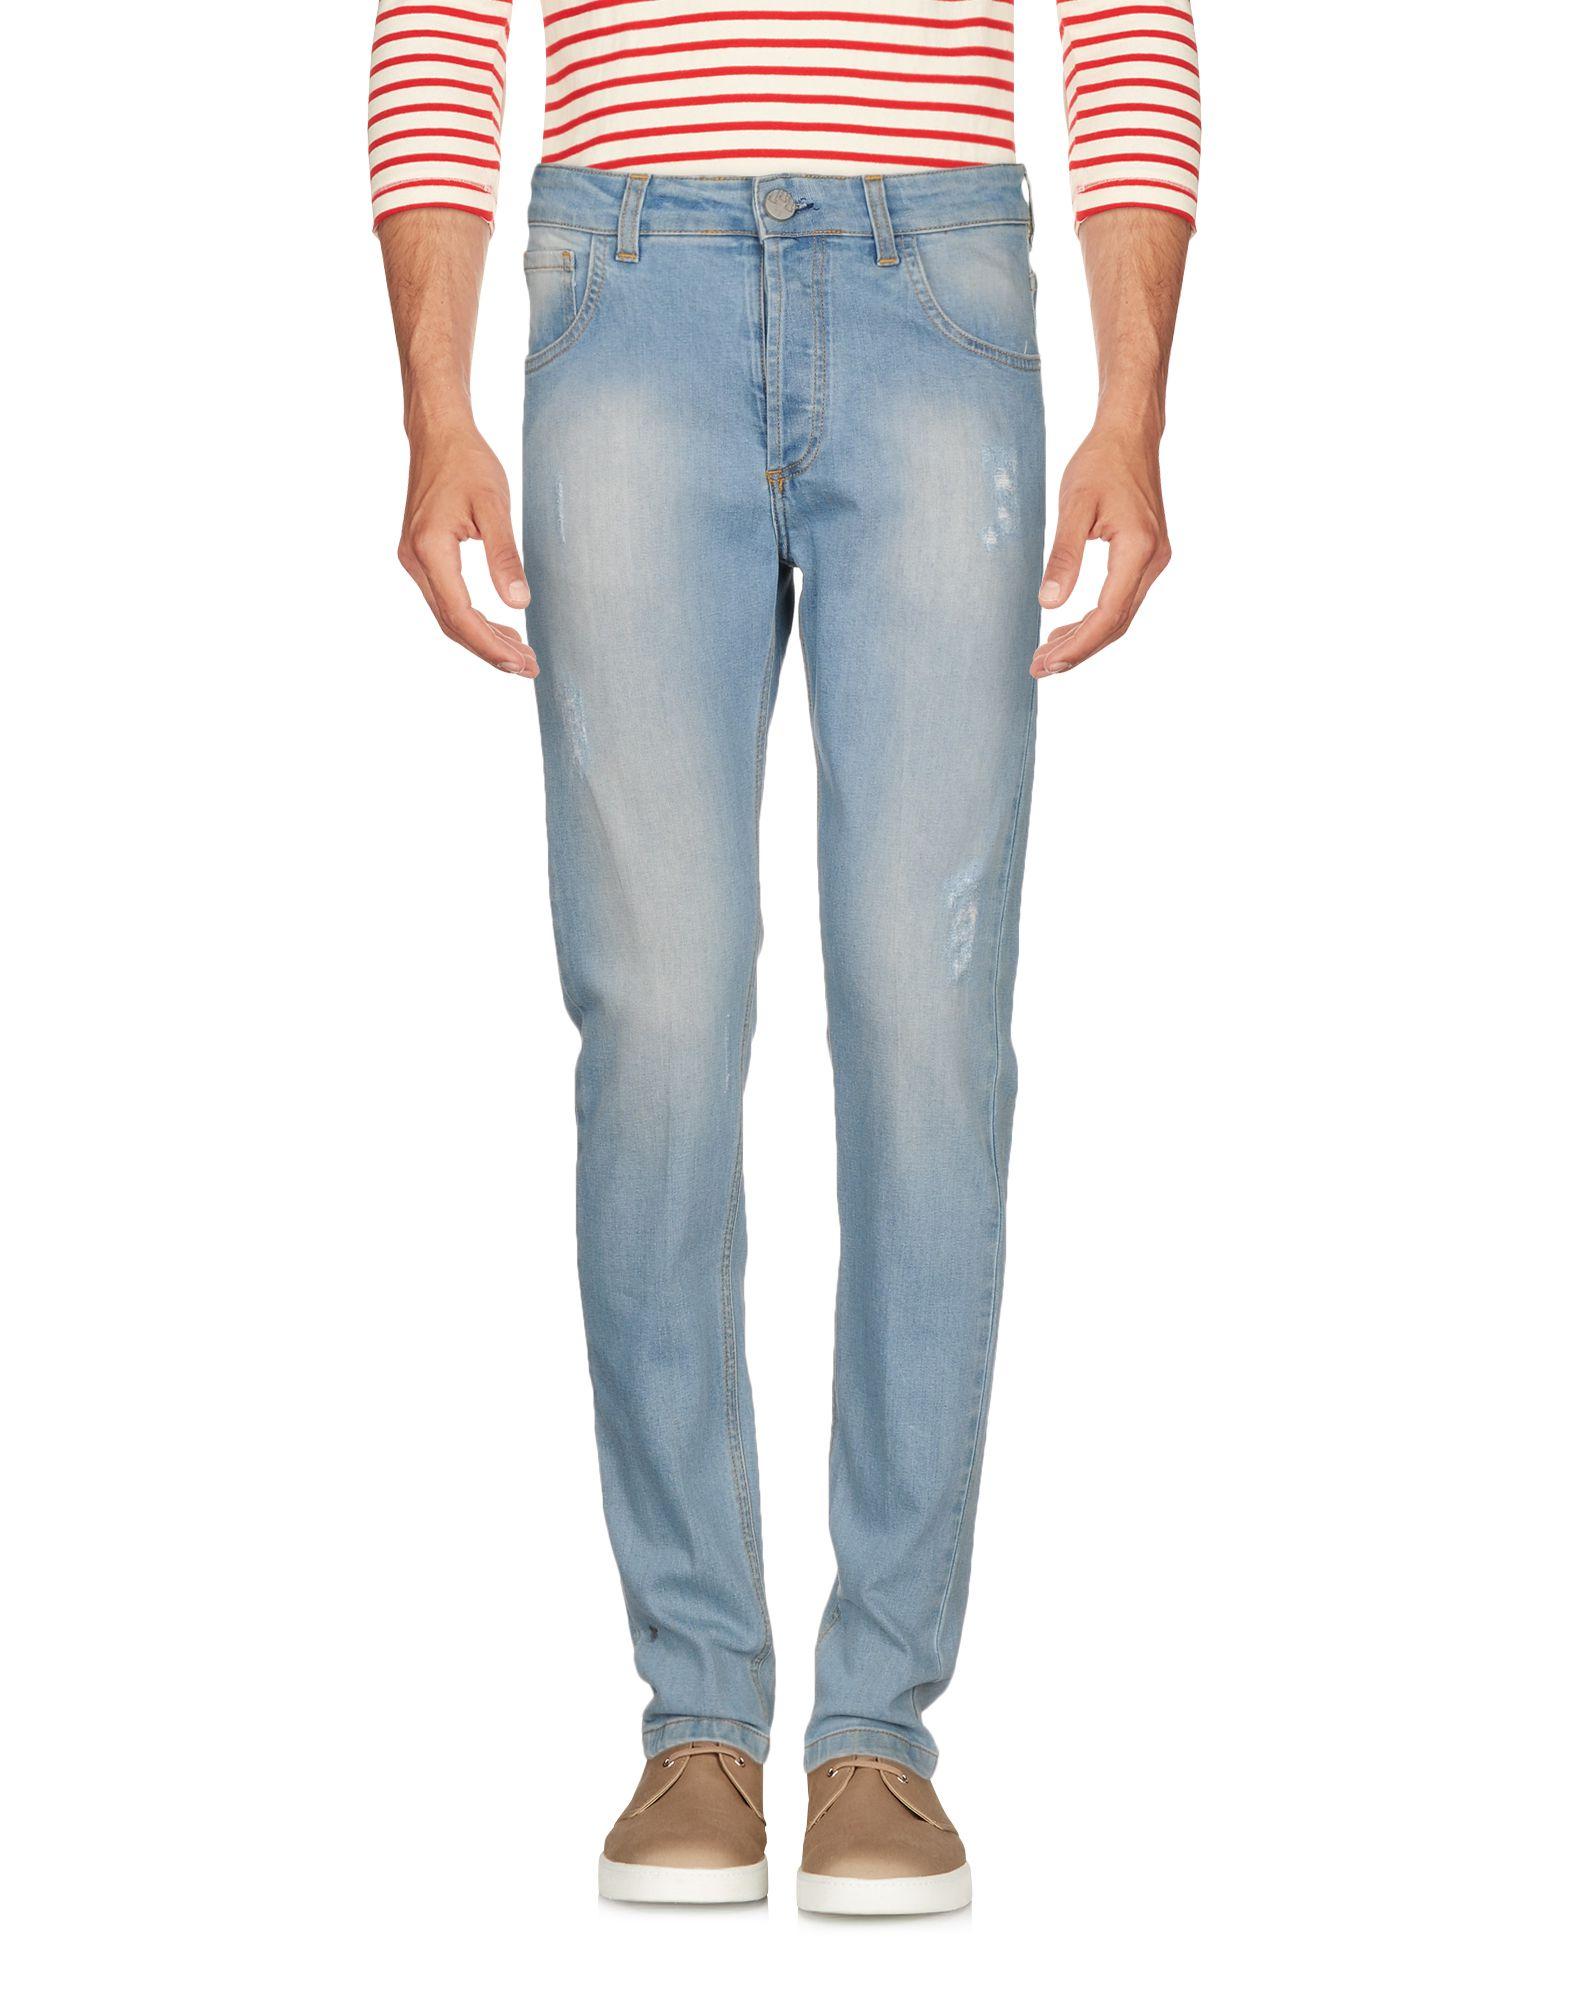 ENTRE AMIS Джинсовые брюки женские брюки лэйт светлый размер 50